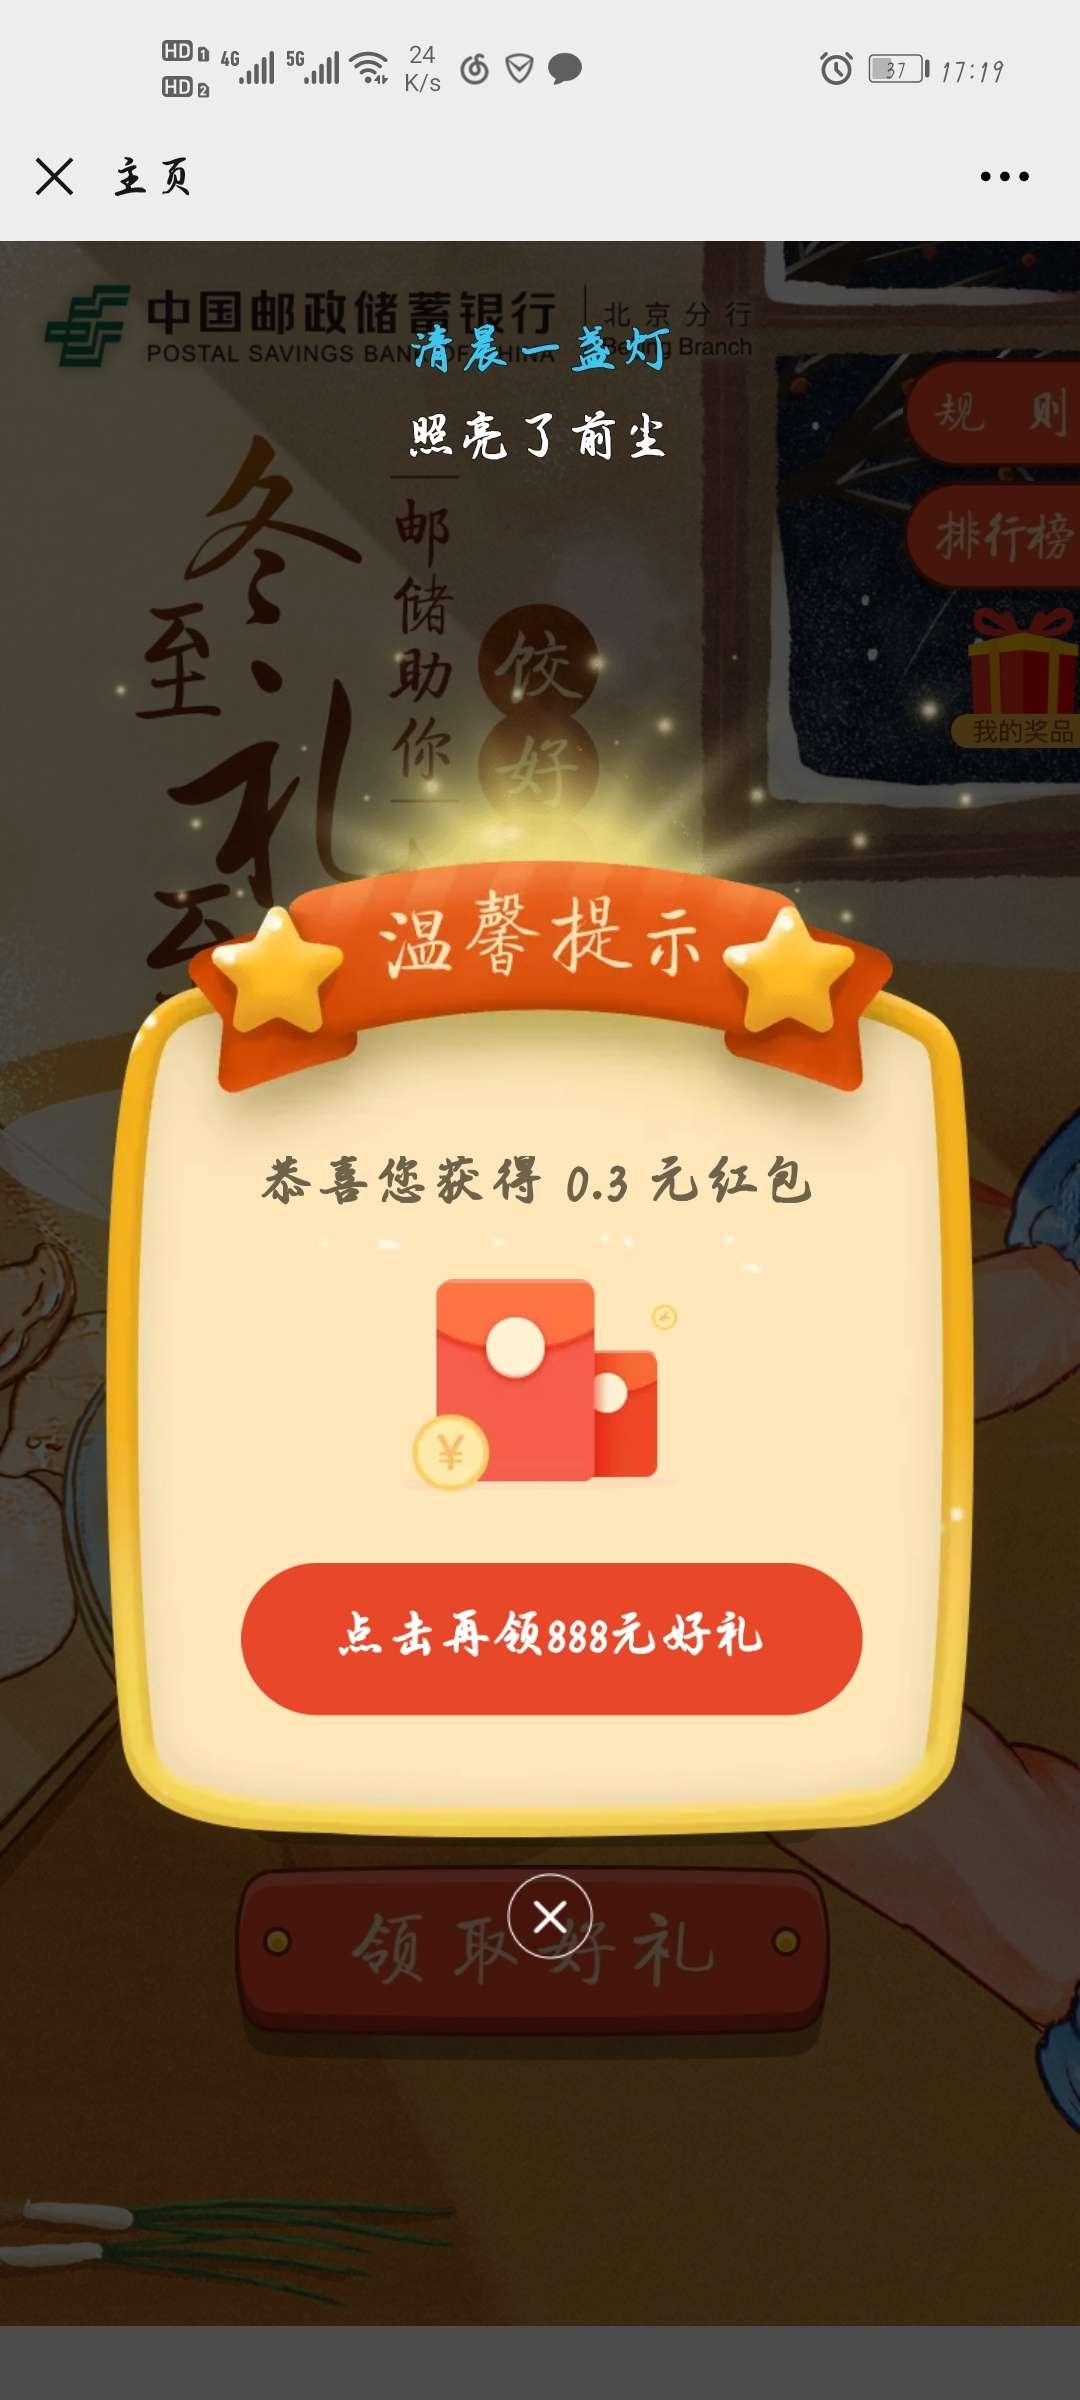 中国邮政储蓄银行包饺子领0.3红包插图2